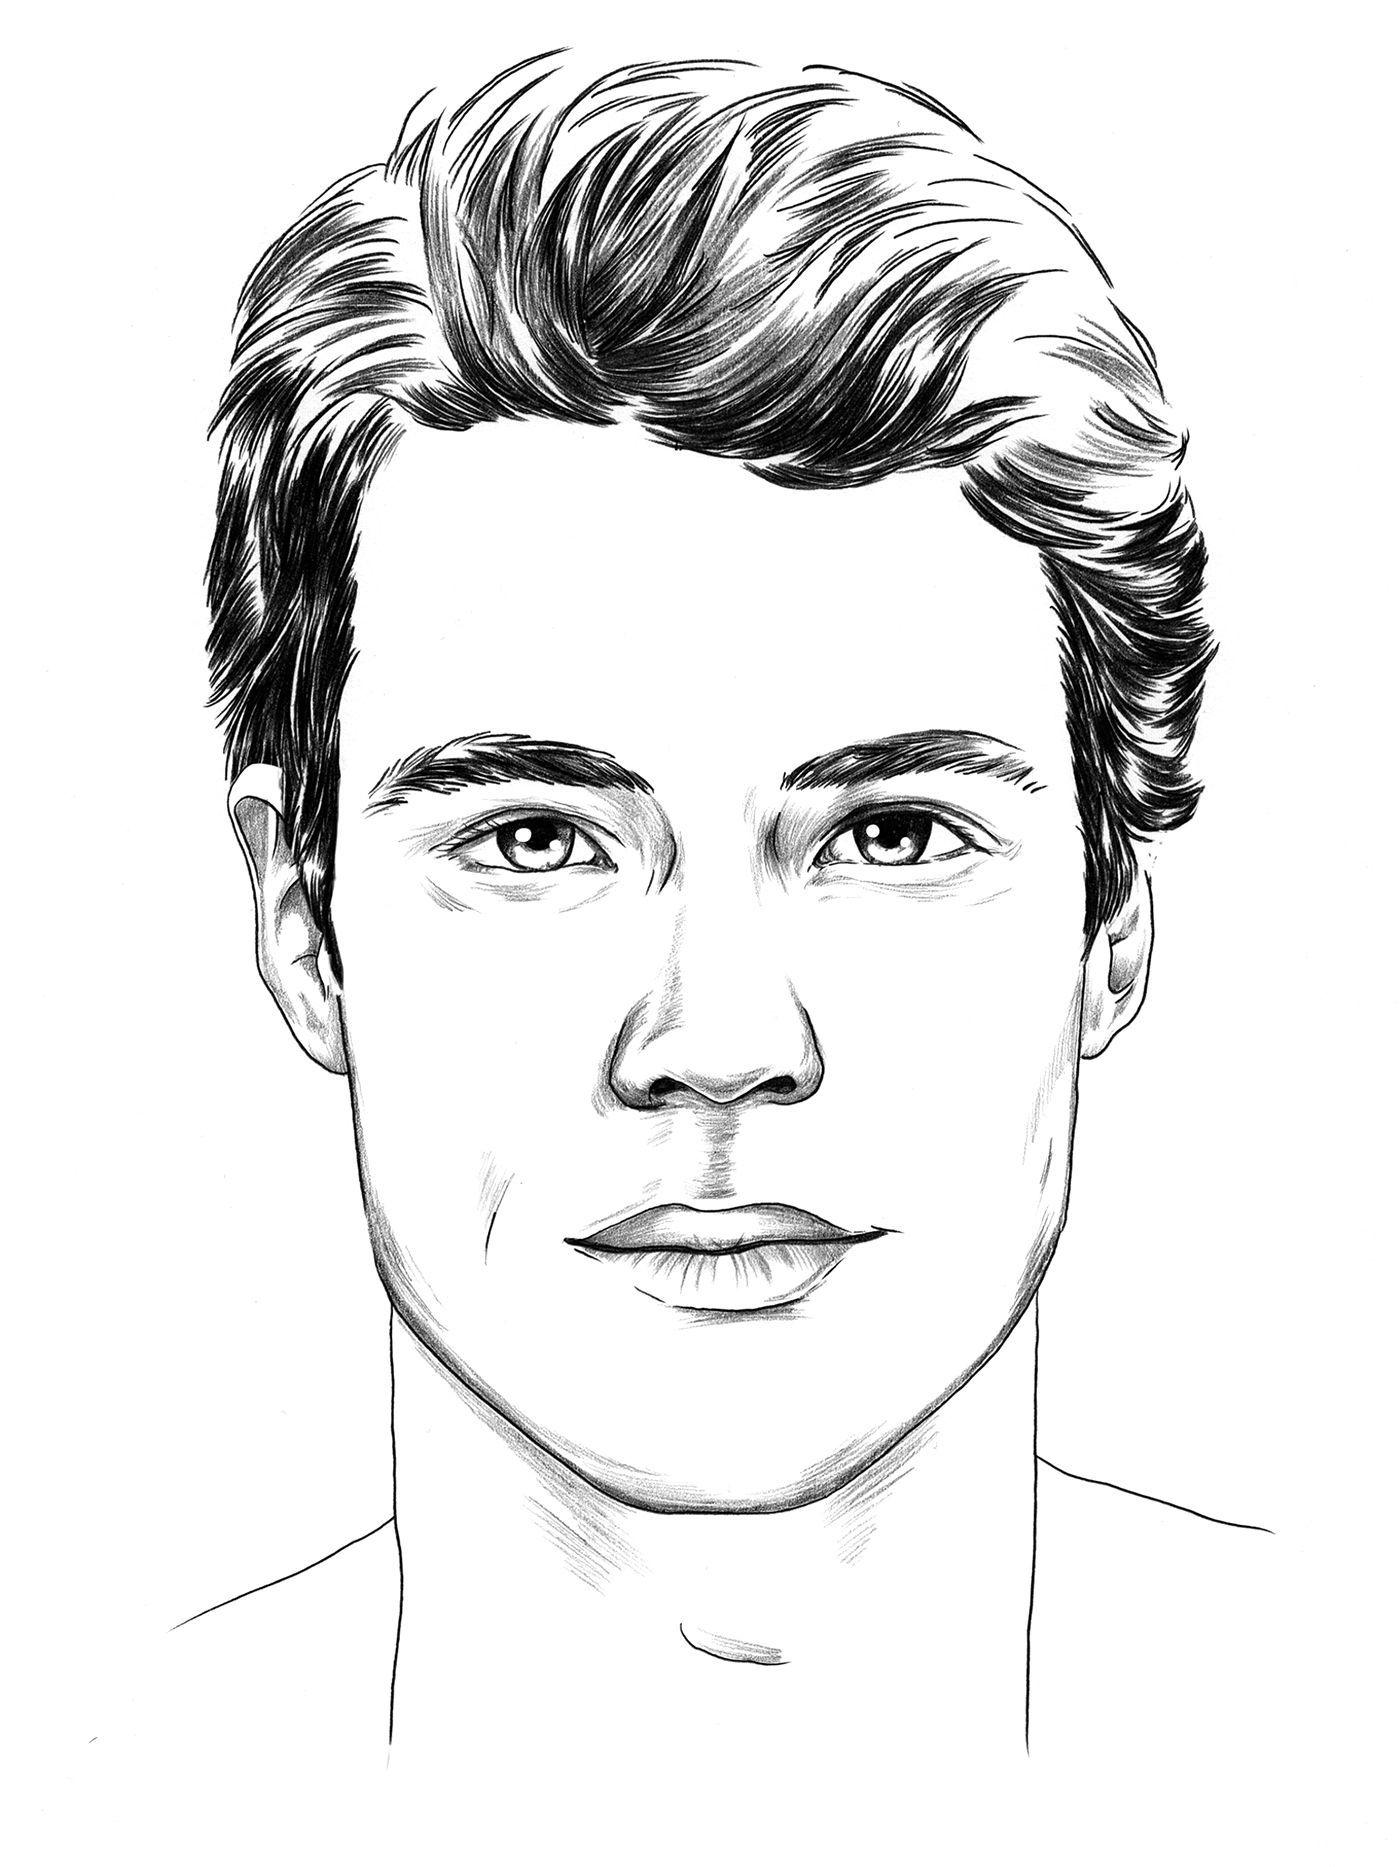 30 Welche Frisur Passt Zu Mir Manner Top Modische Kleider Frisuren Zeichnen Manner Frisuren Gesicht